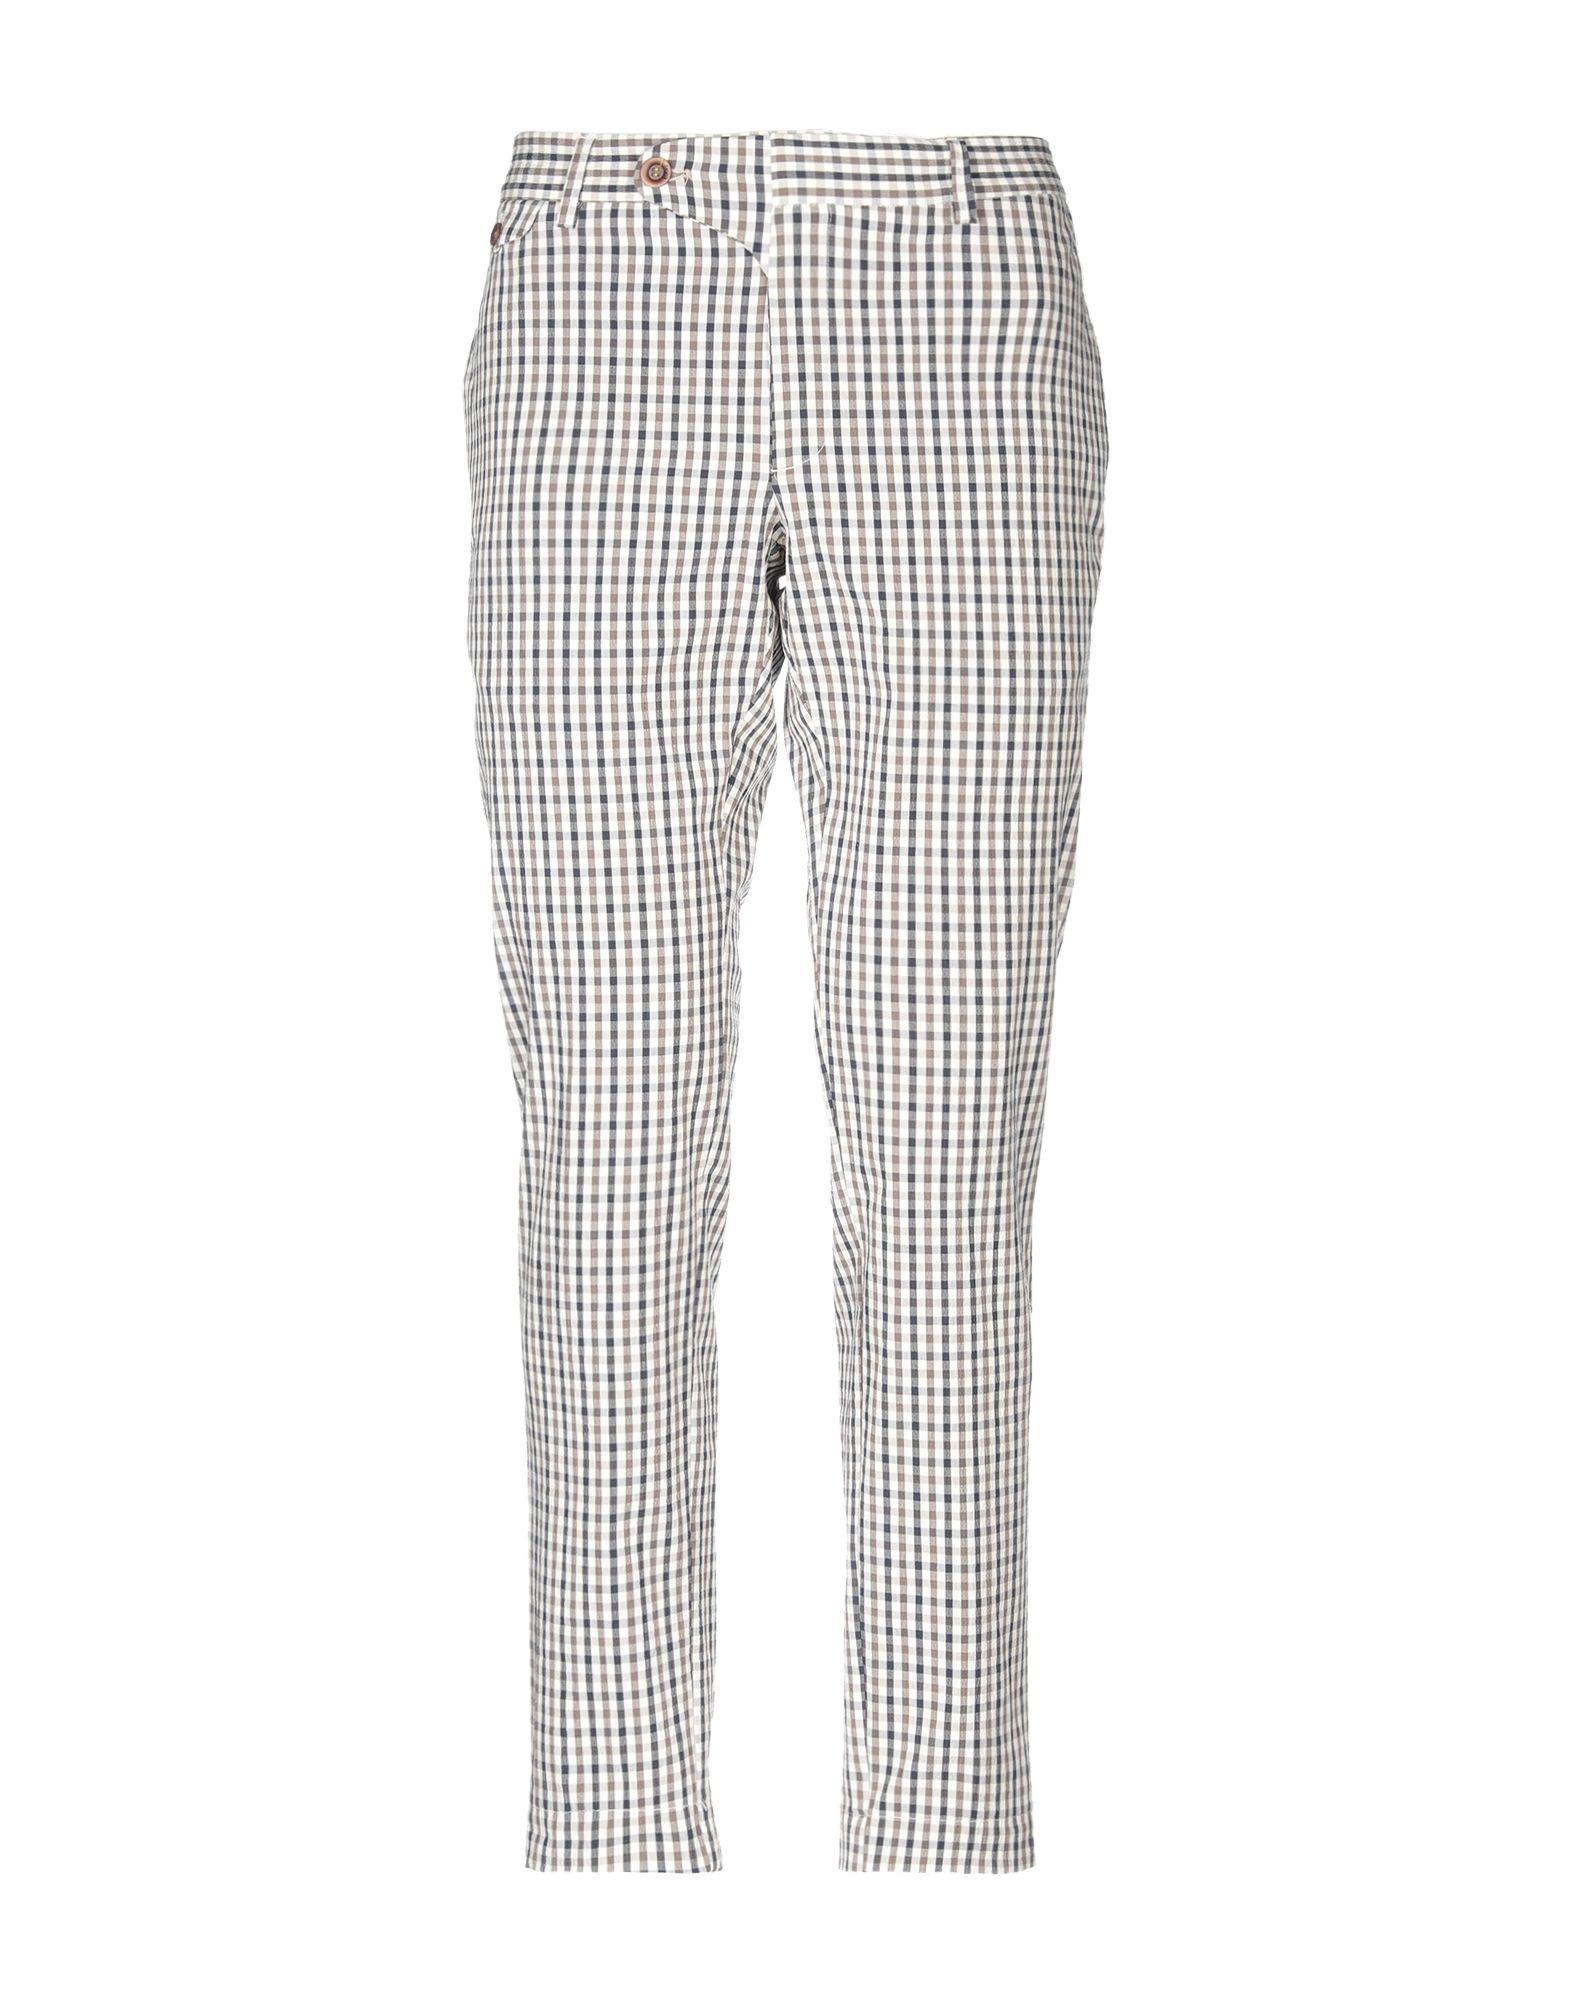 купить KOON Повседневные брюки по цене 3550 рублей